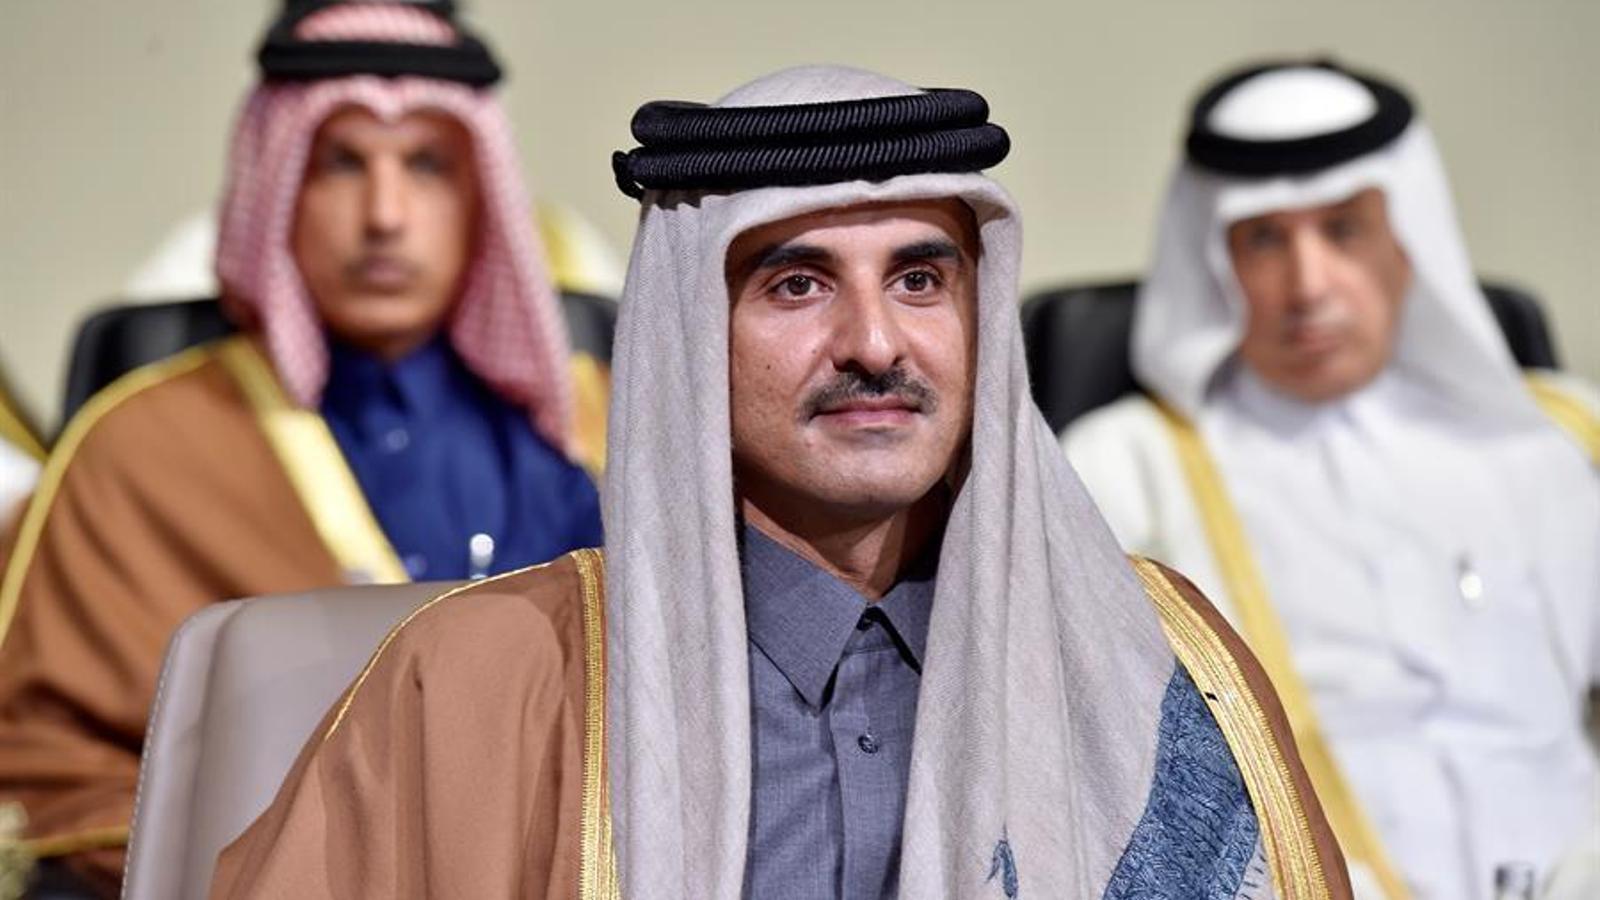 L'emir de Qatar, Tamim bin Hamad bin Khalifa Al-Thani, en una imatge d'arxiu